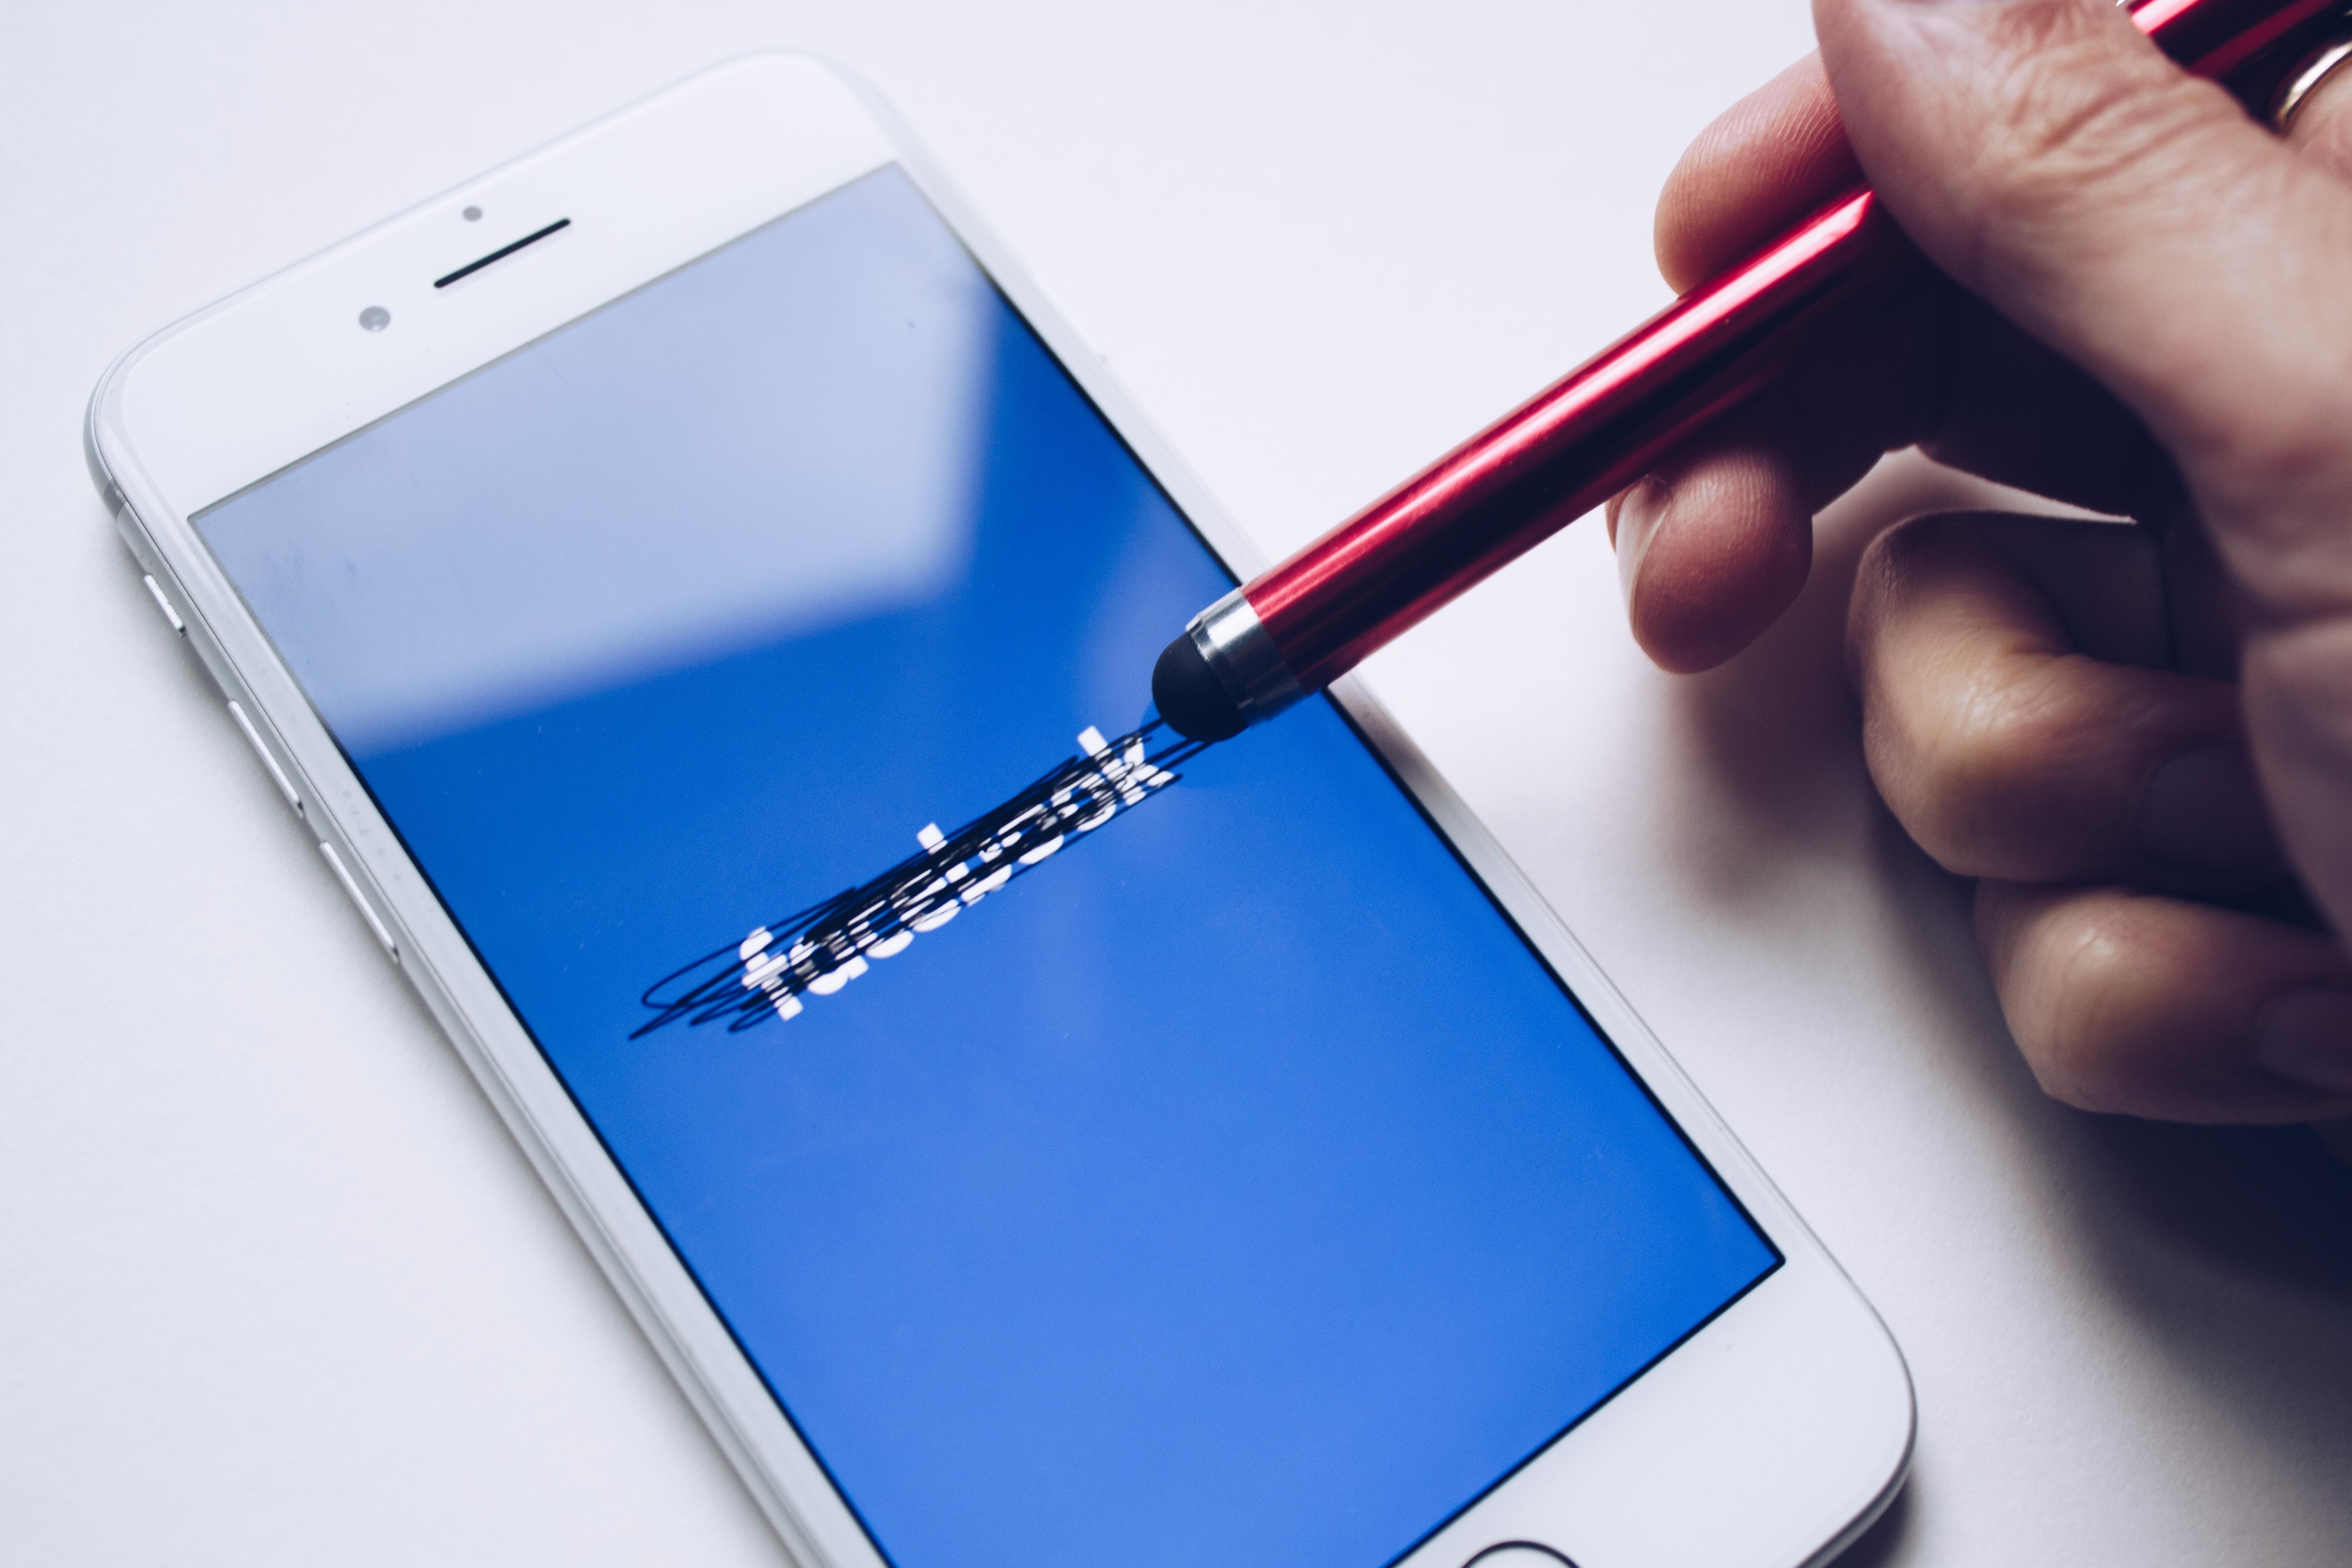 Ce se întâmplă pe Facebook când tu nu ești acolo